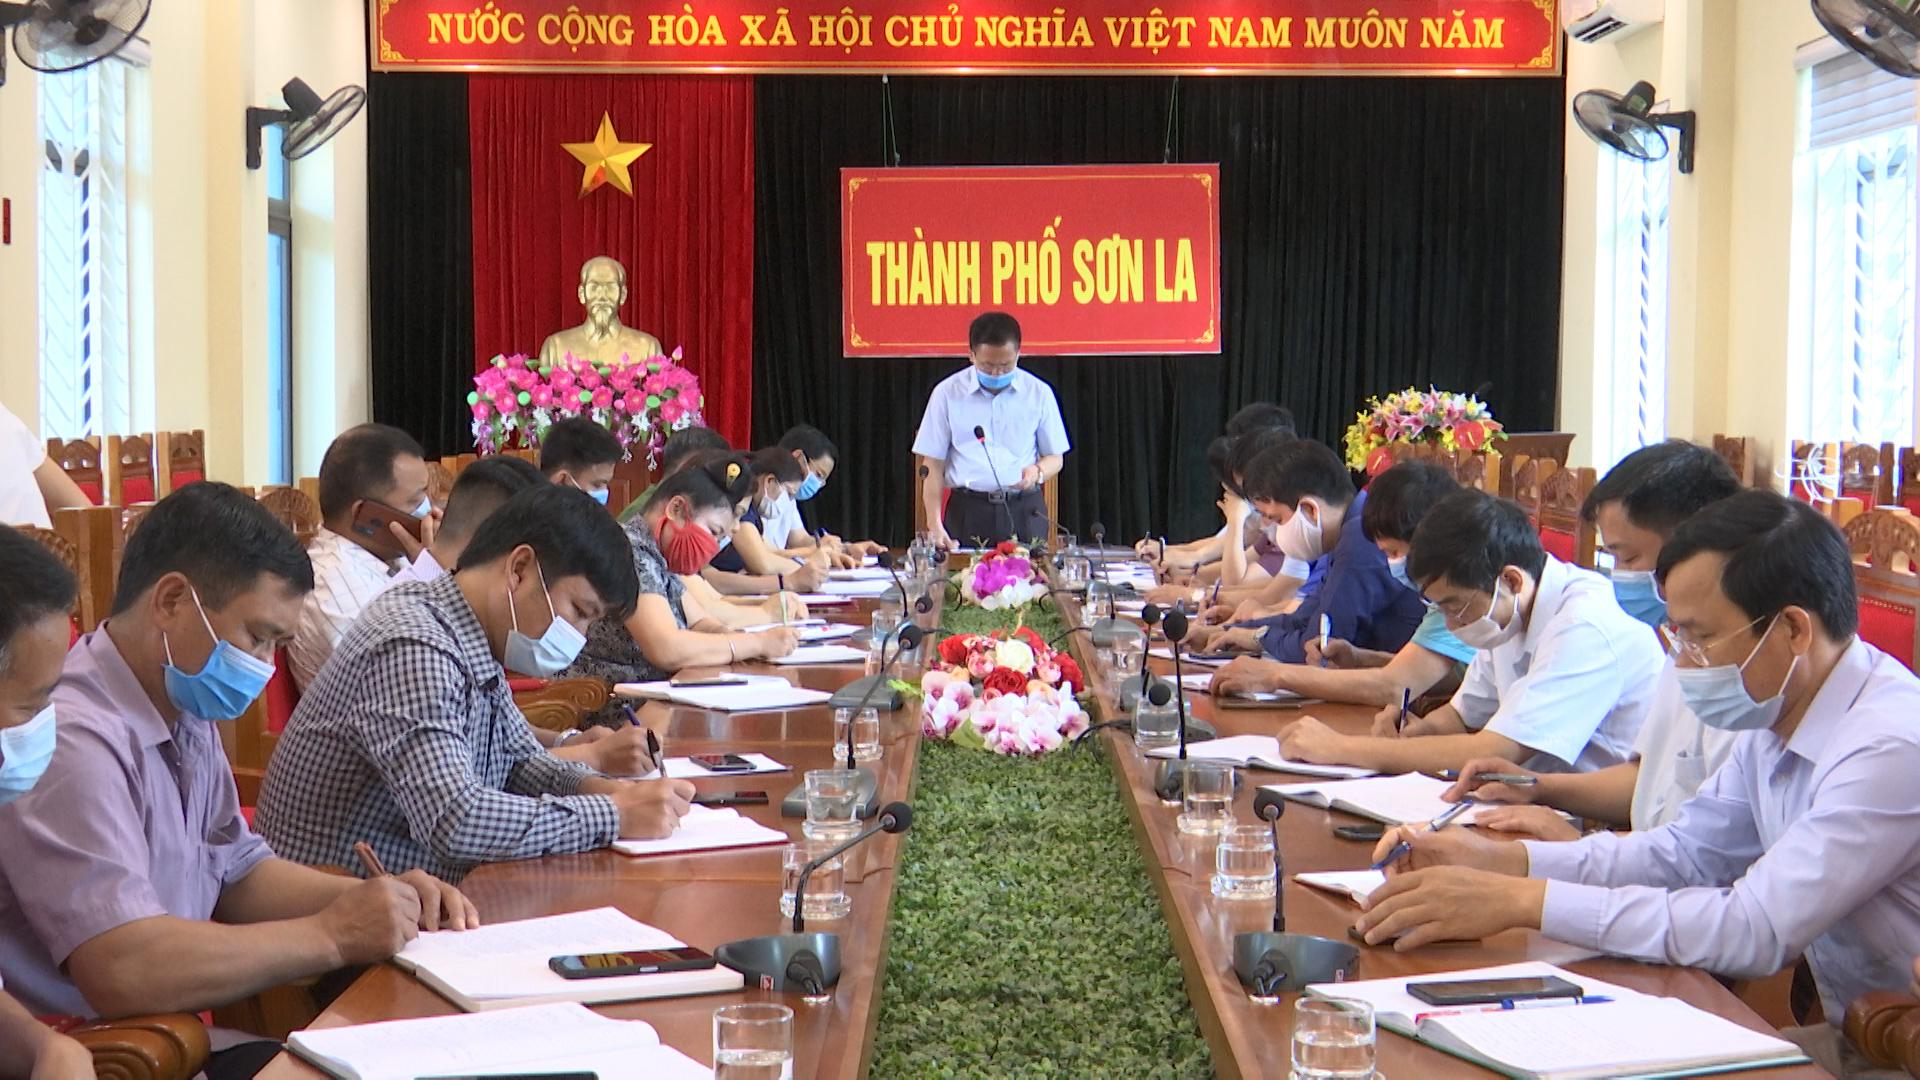 Tp.Sơn La quyết định dừng một số hoạt động kinh doanh và vui chơi giải trí vì dịch Covid-19 - Ảnh 1.